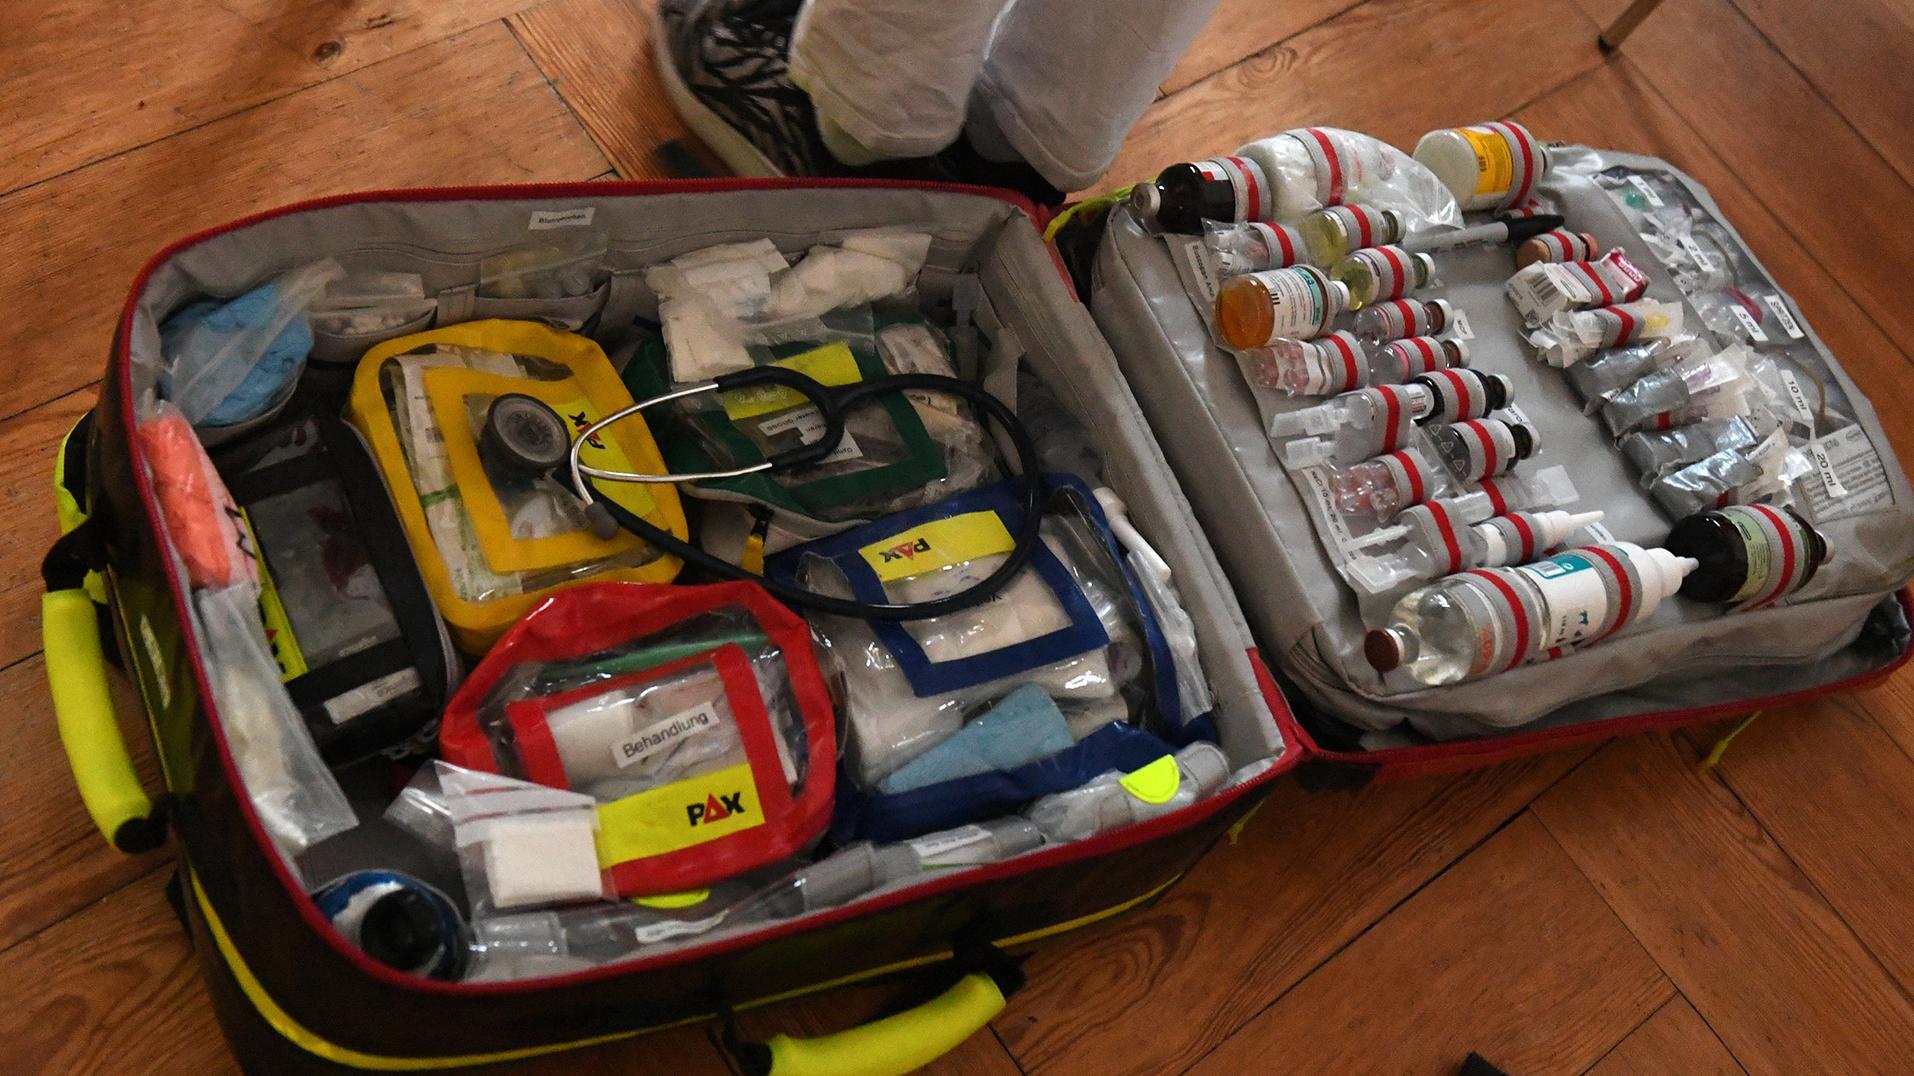 Ein Notfallrucksack mit zahlreichen Medikamenten und Instrumenten liegt geöffnet auf dem Boden.